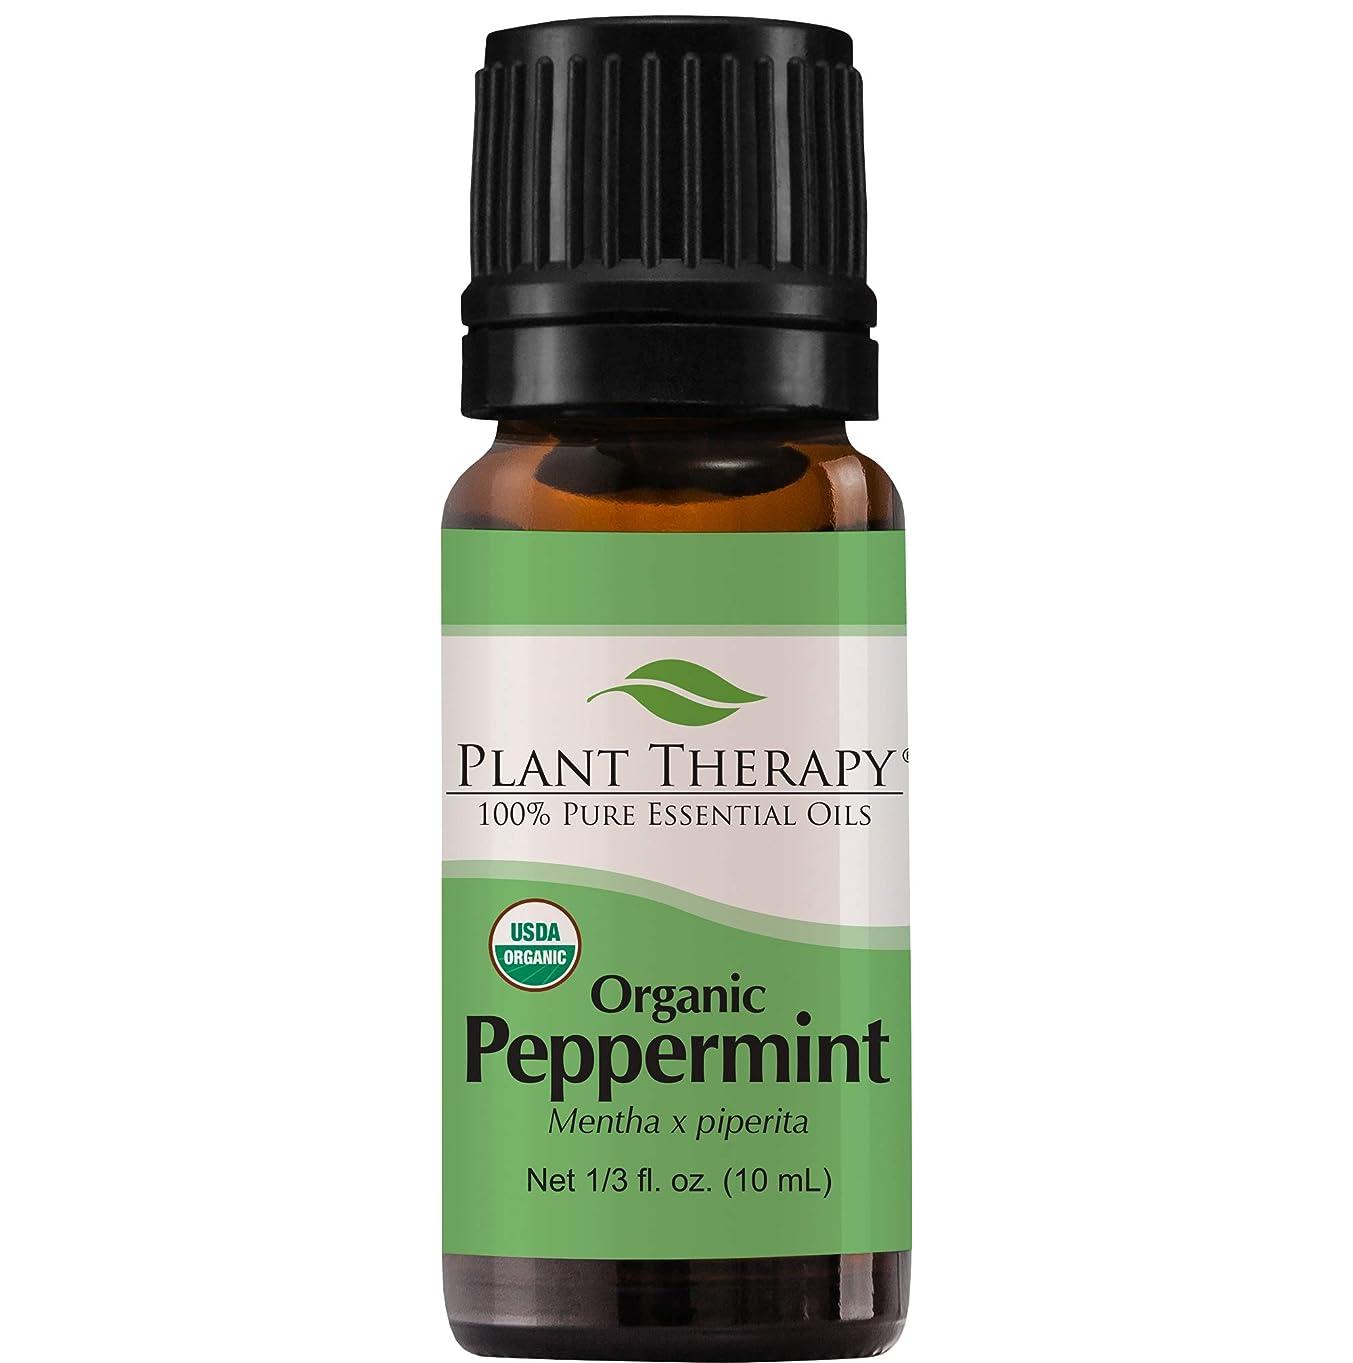 起きるラフわずかなPlant Therapy Essential Oils (プラントセラピー エッセンシャルオイル) オーガニック ペパーミント エッセンシャルオイル